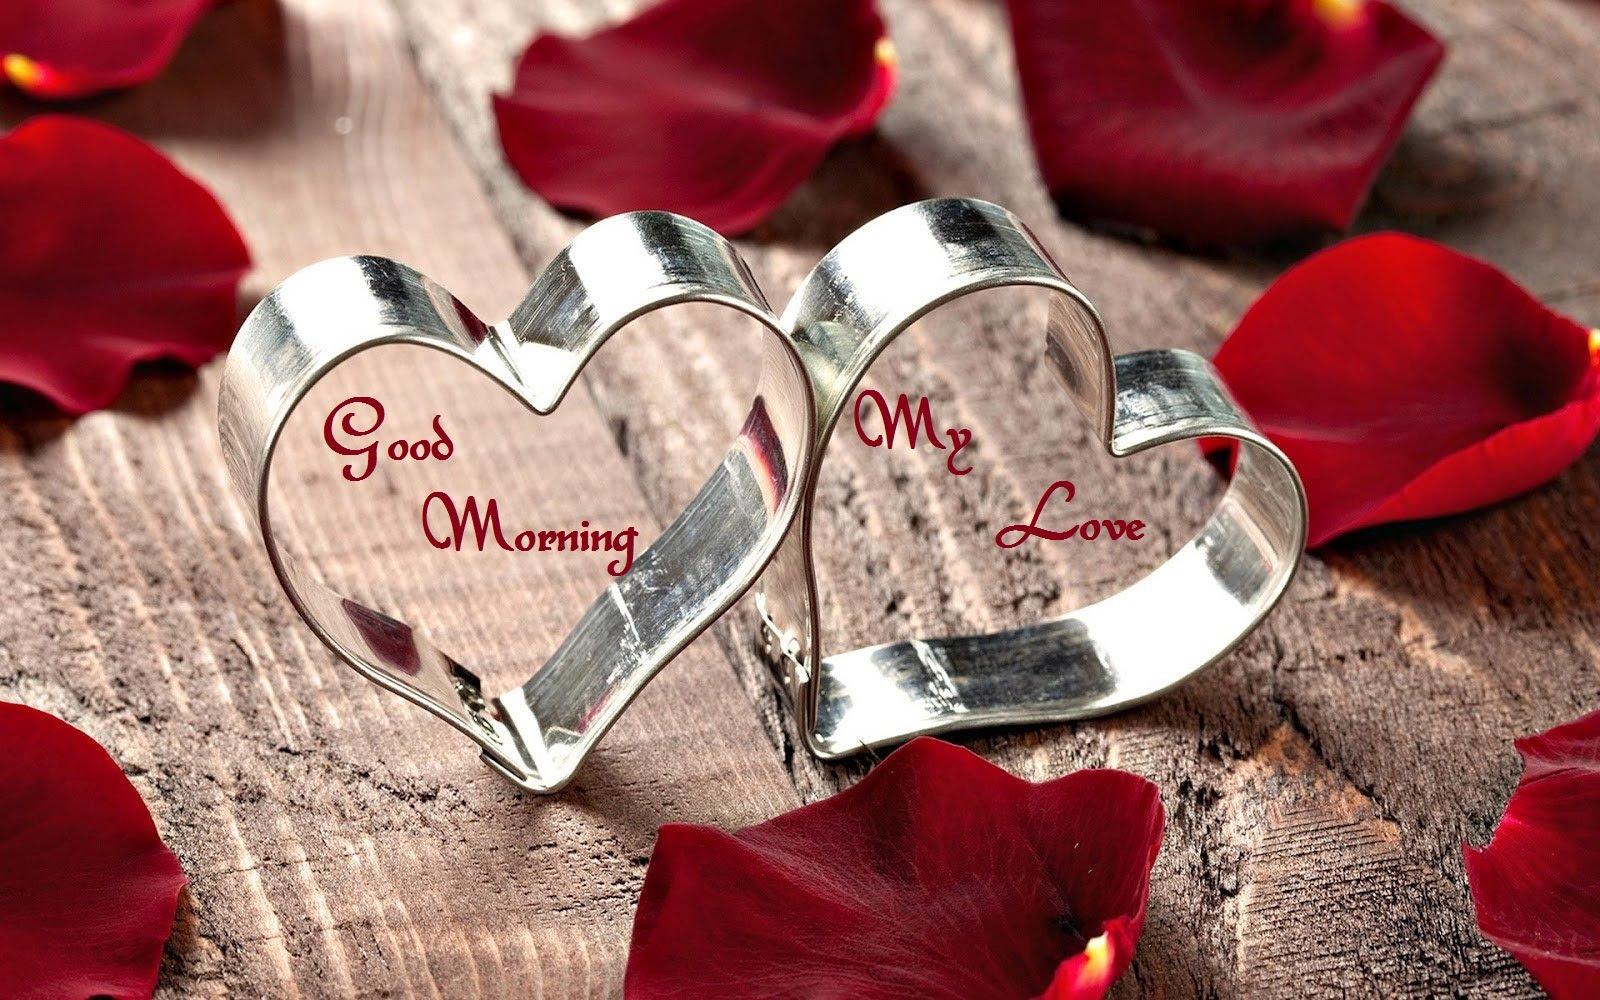 بالصور احبك حبيبي , اجمل كلمات الحب 5155 4